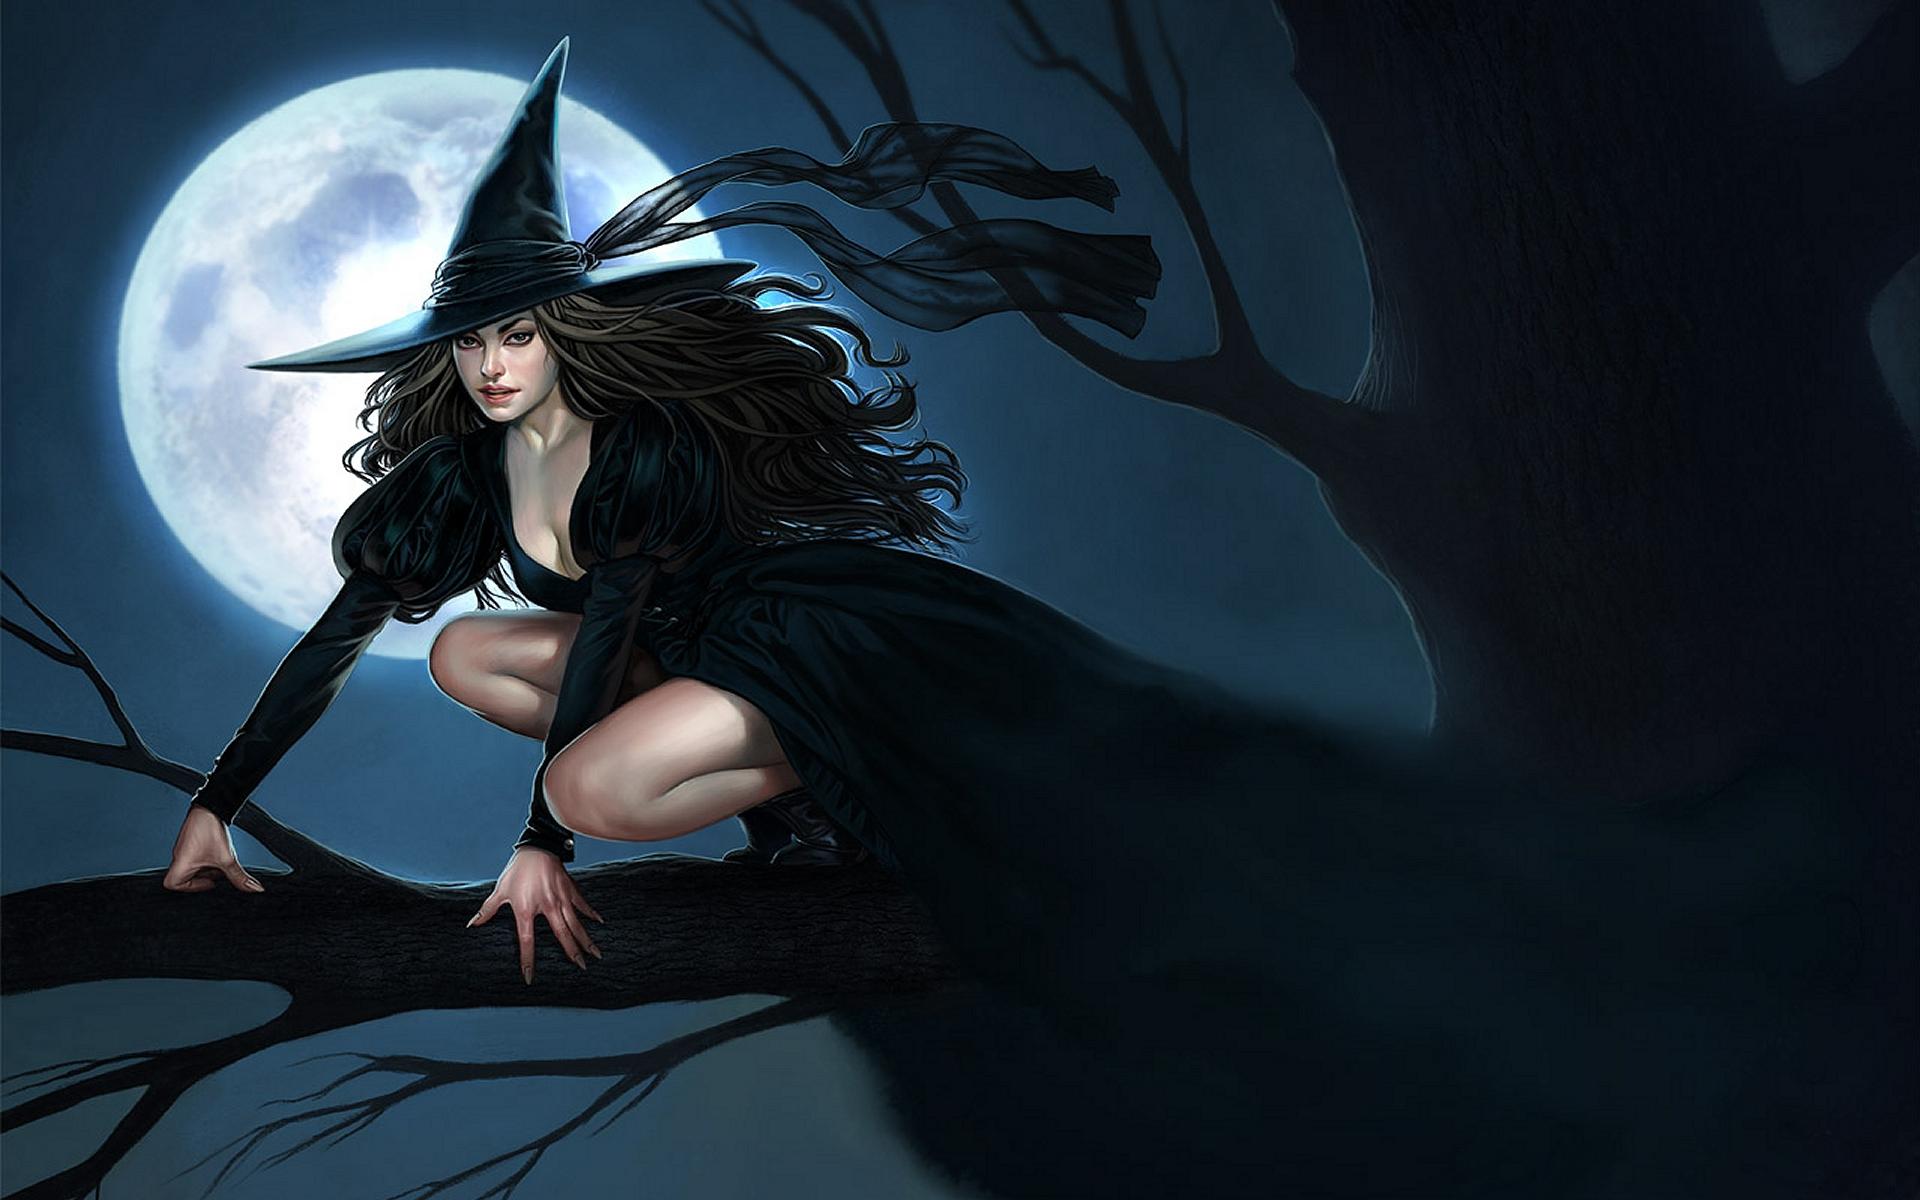 картинки с ведьмами на аву так украшает